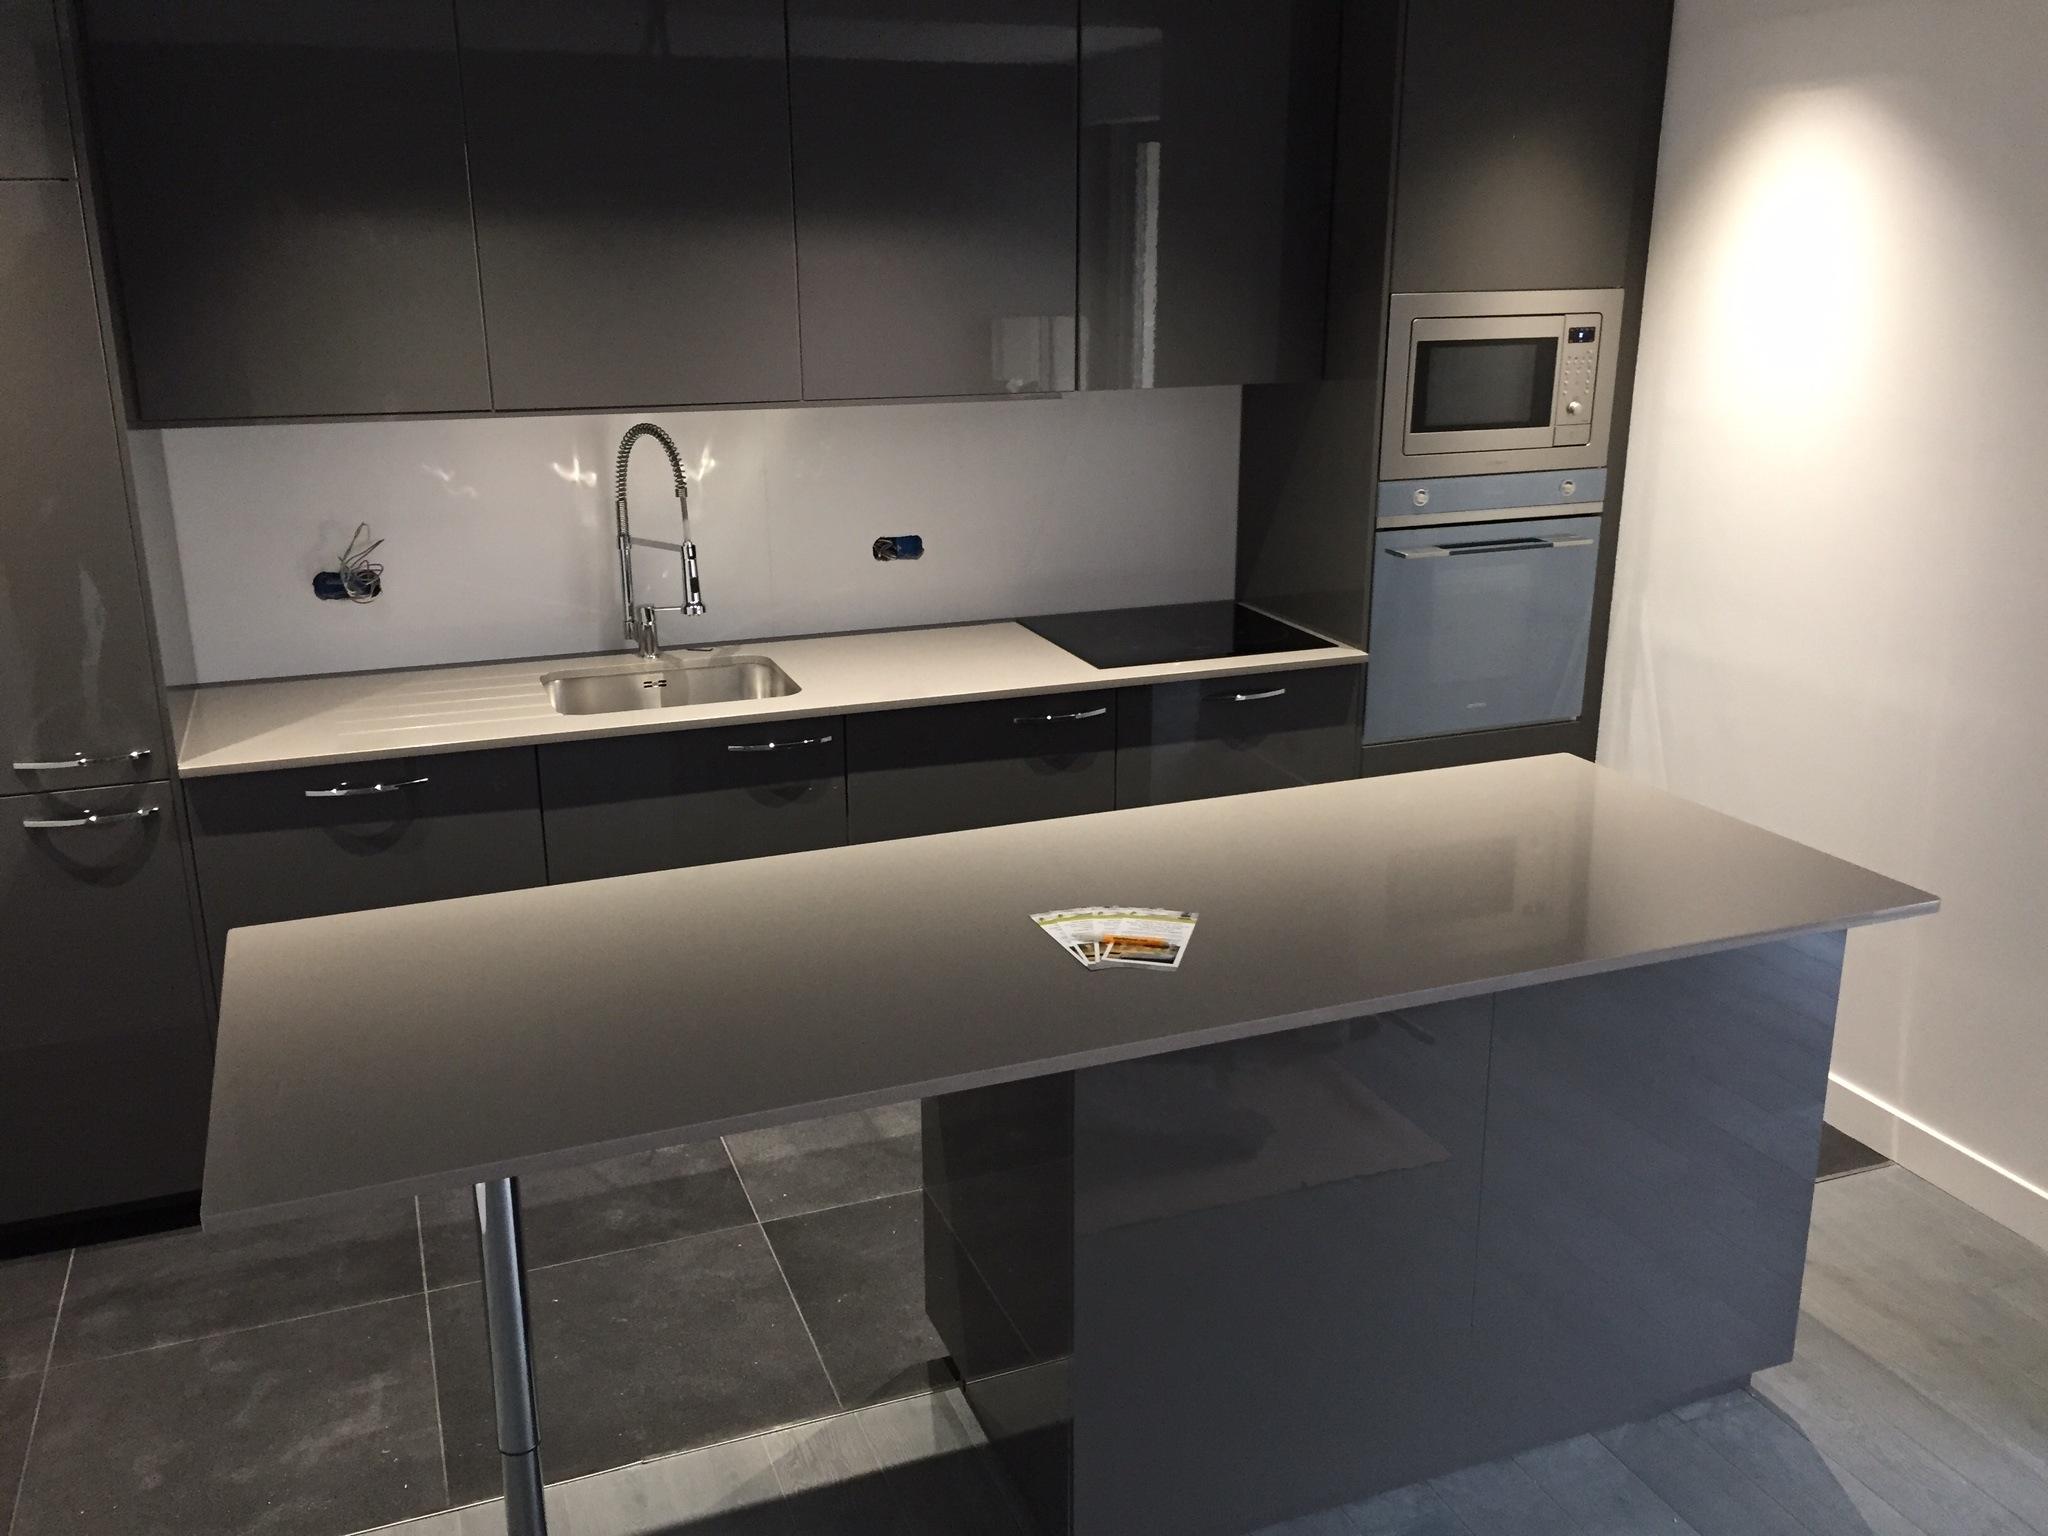 plan de travail granit quartz table en mabre paris essonne quartz silestone. Black Bedroom Furniture Sets. Home Design Ideas